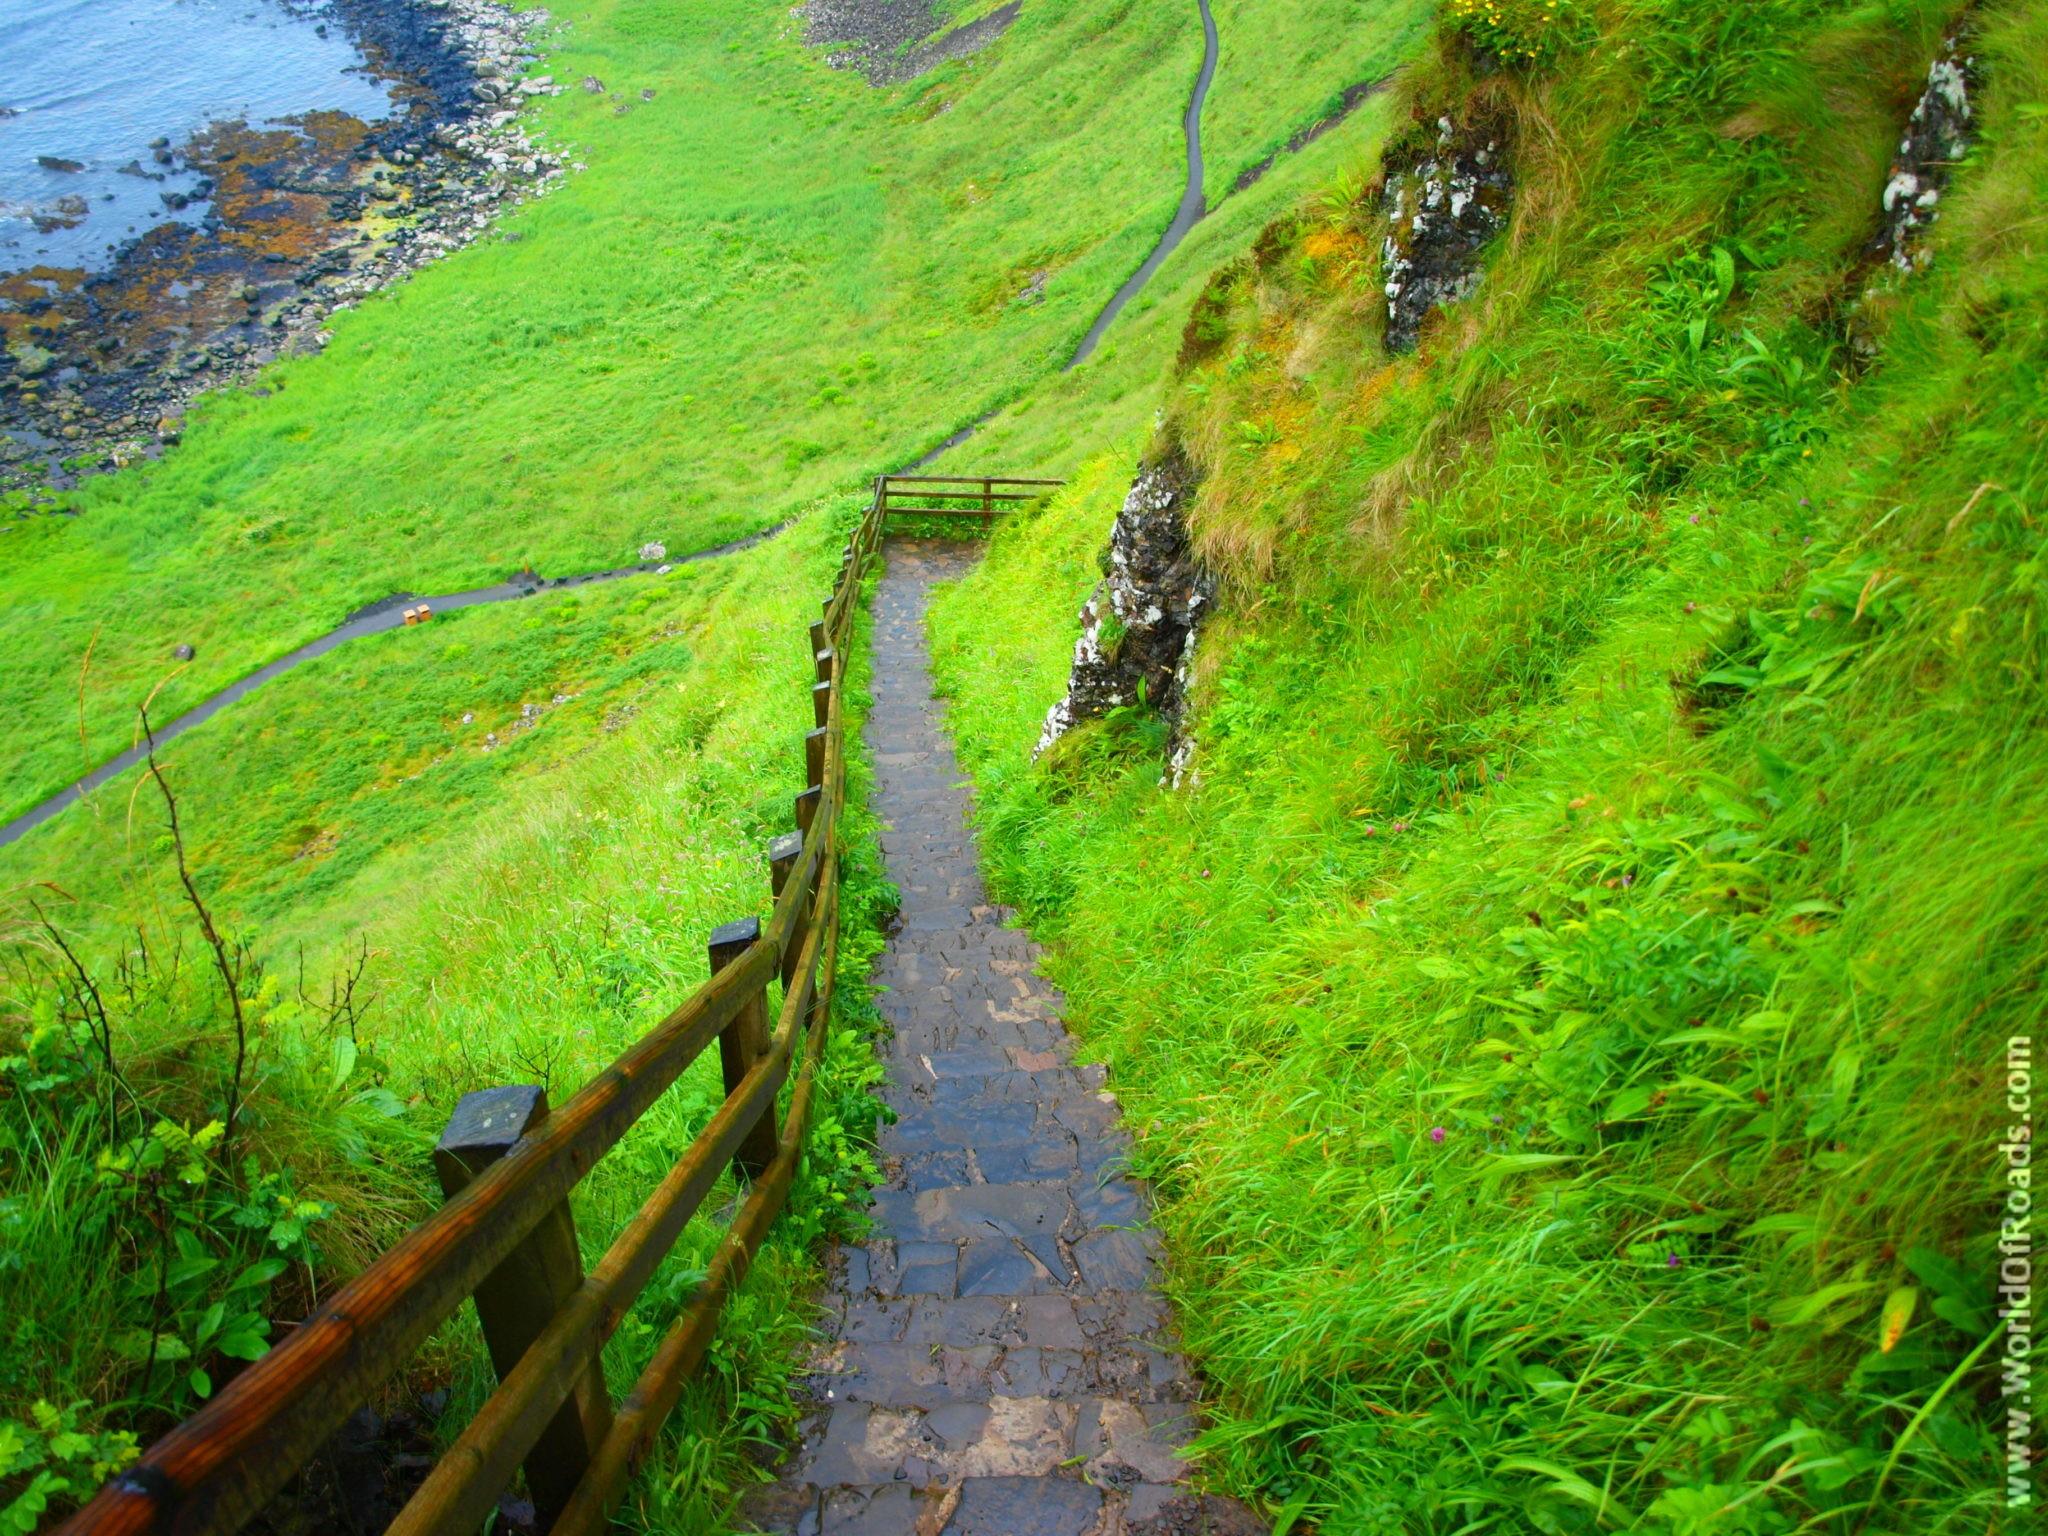 Дорожка к Тропе Гиганта (Giant's Causeway). Северная Ирландия.